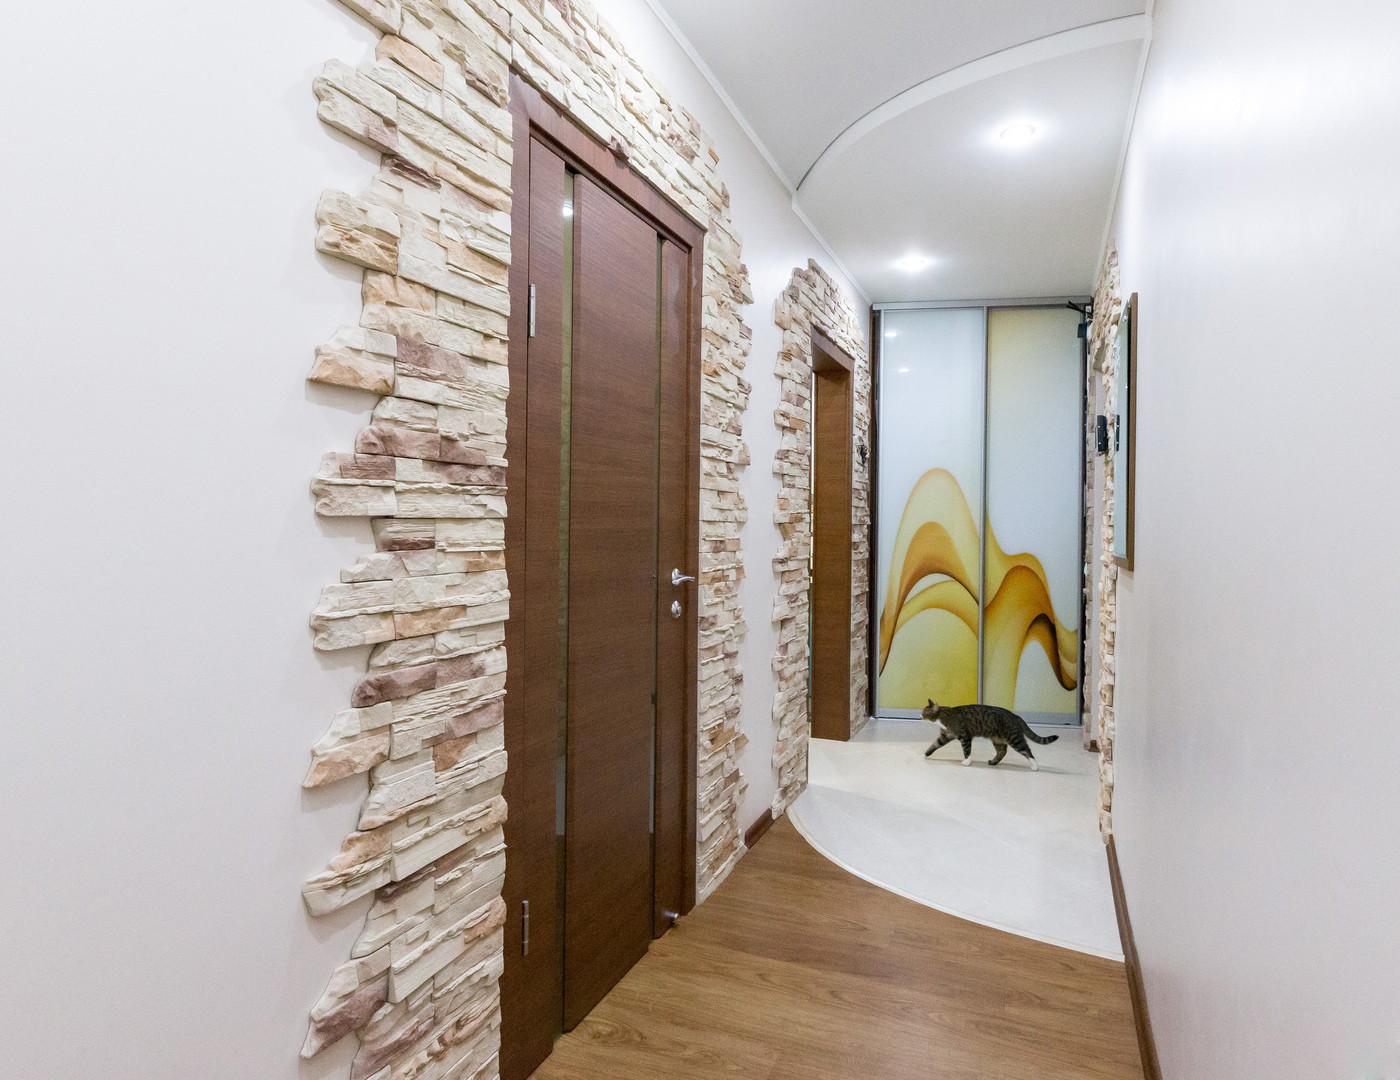 коридор камнем двух цветов фото матвея выписывают ожогового